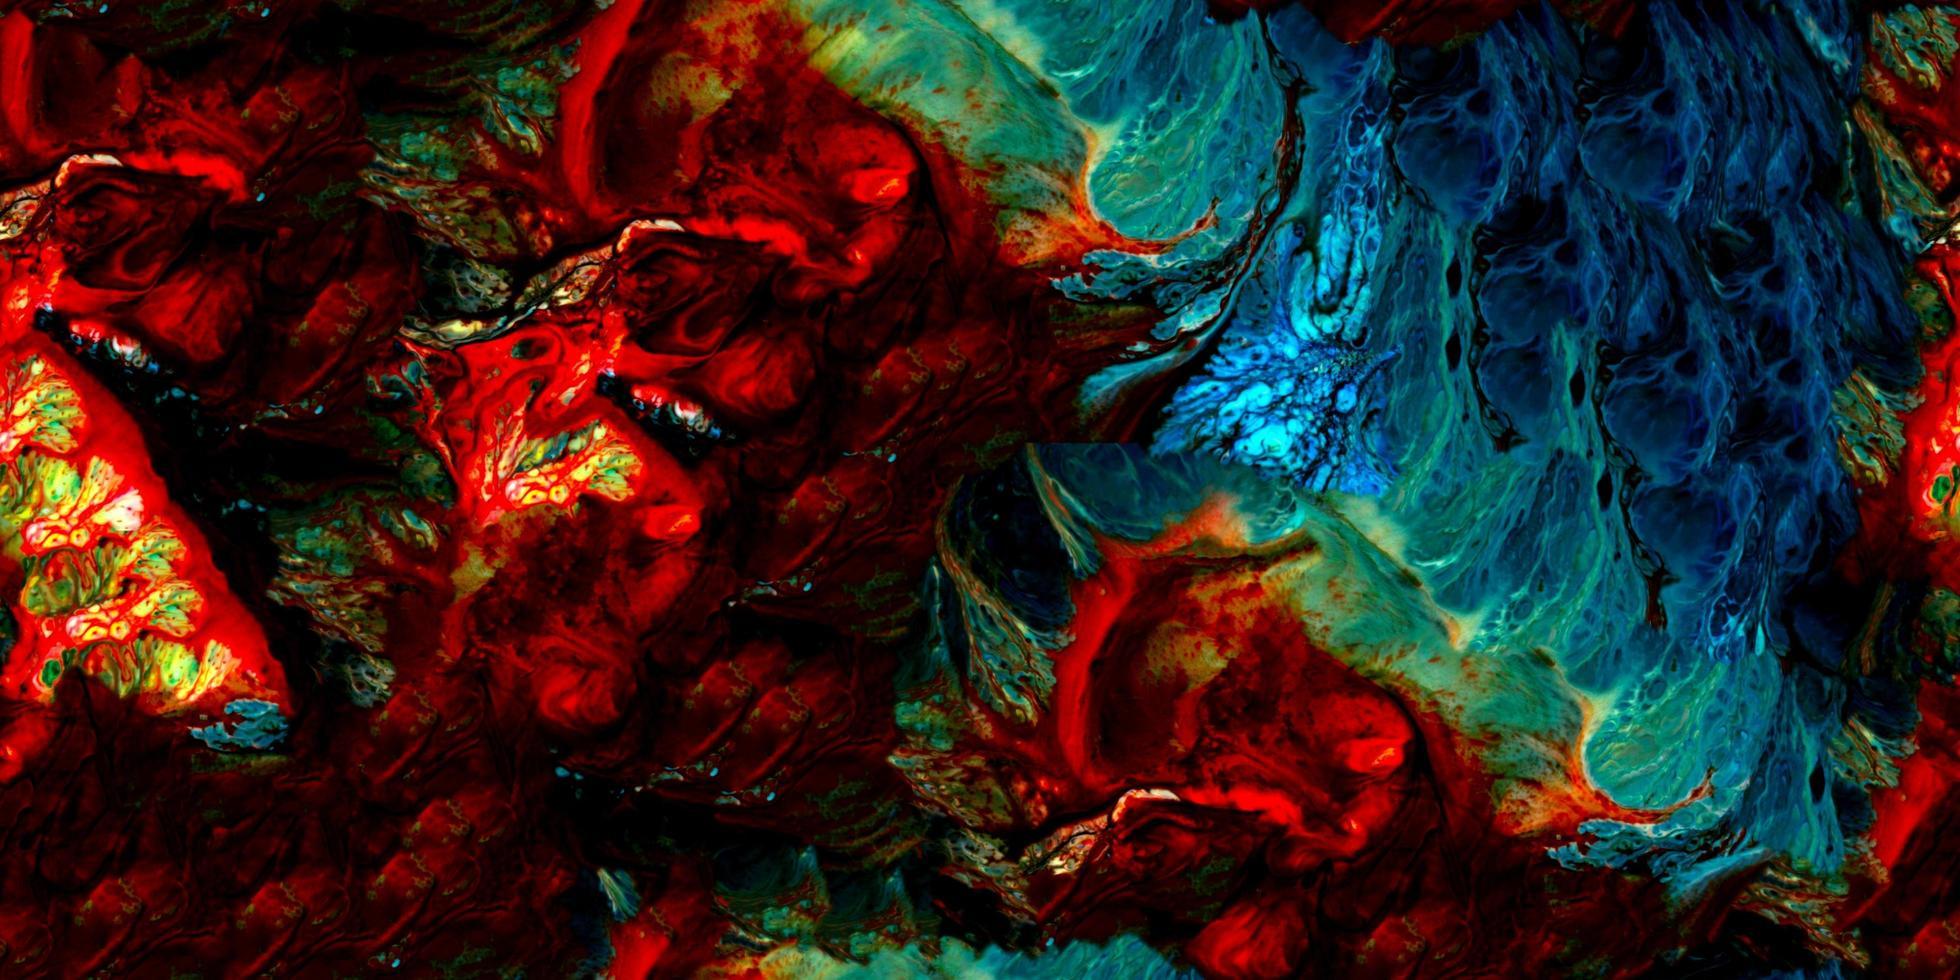 vernice colorata astratta surreale sfondo samless e piastrellabile foto